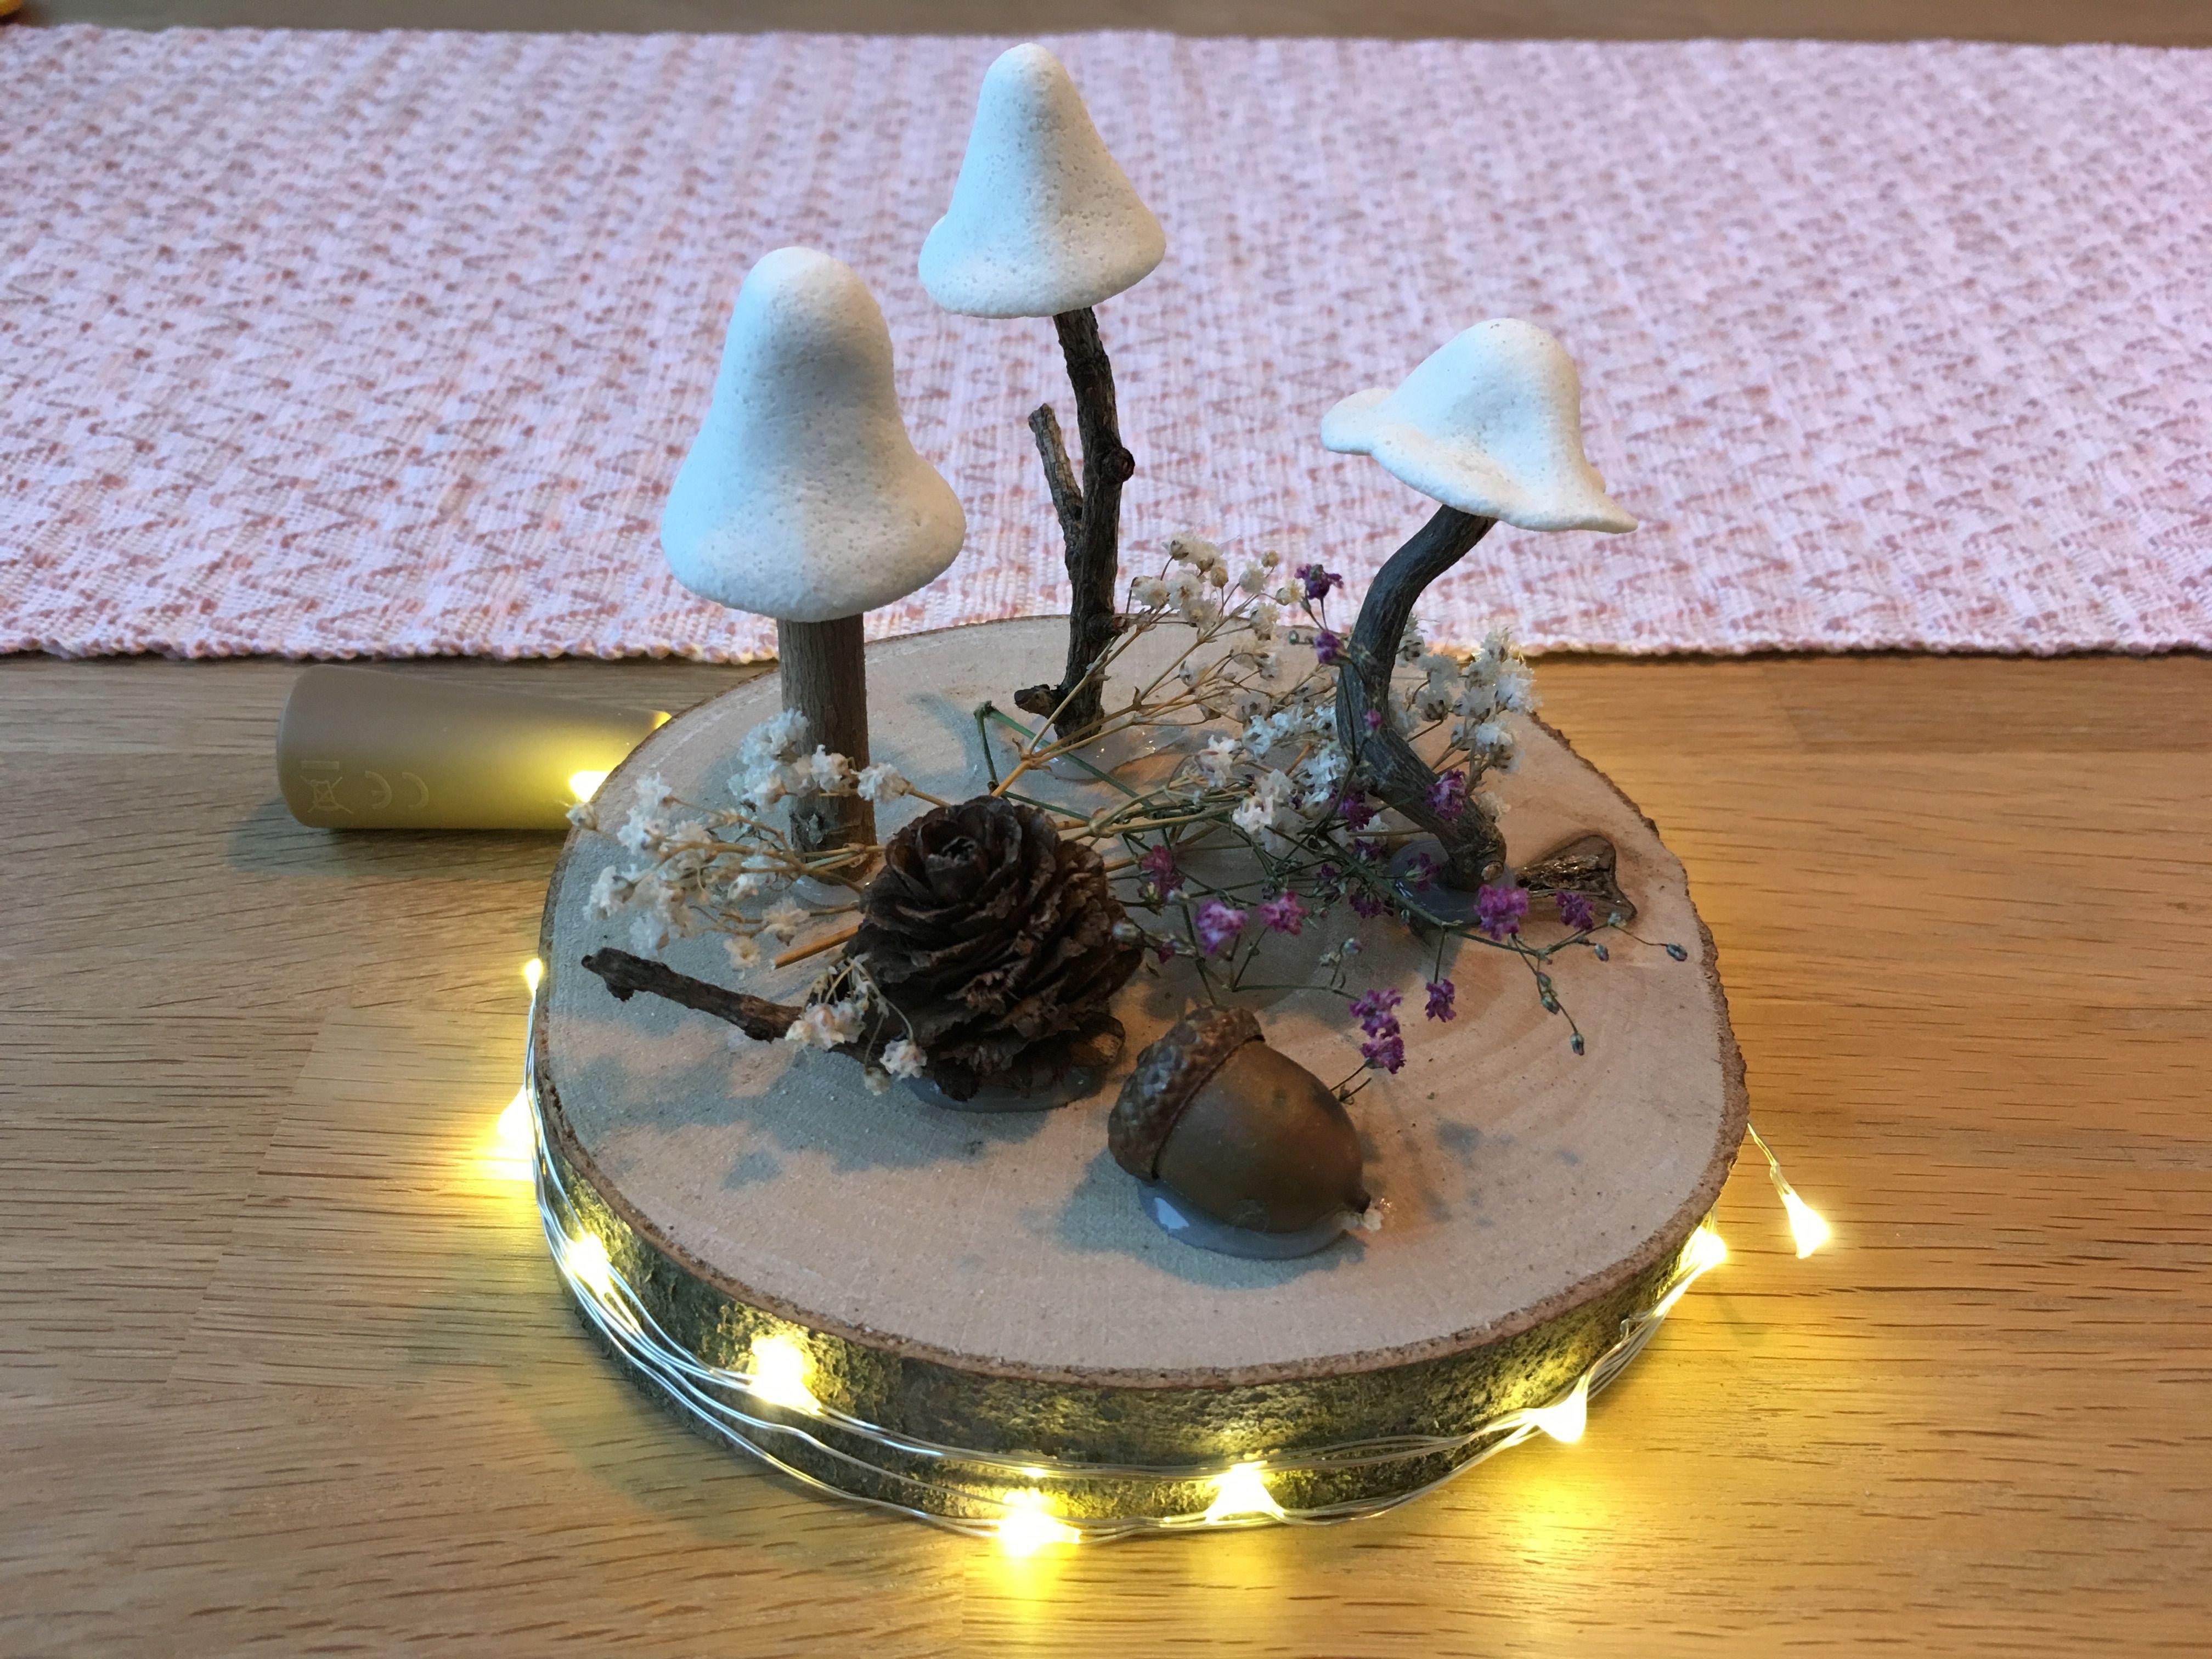 Herbstdeko aus Naturmaterialien  #herbstlichetischdeko Herbstliche Tischdeko aus Naturmaterialien und Salzteig mit Lichterkette #herbstlichetischdeko